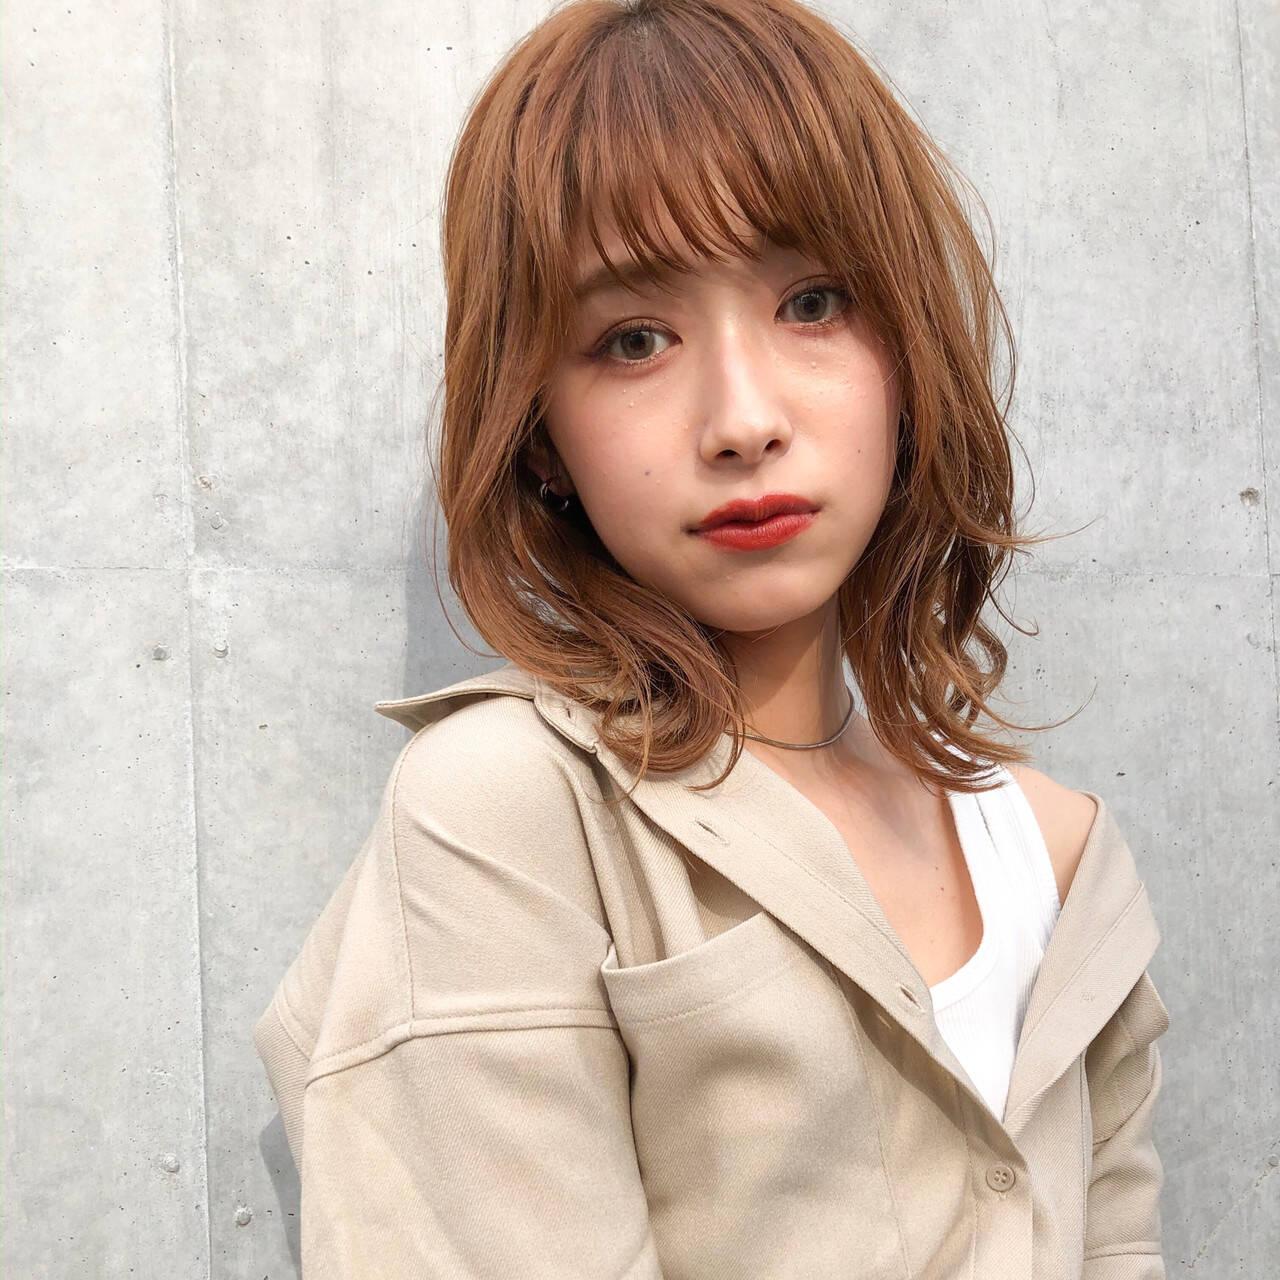 アンニュイほつれヘア ミディアム ふんわり前髪 ミディアムレイヤーヘアスタイルや髪型の写真・画像